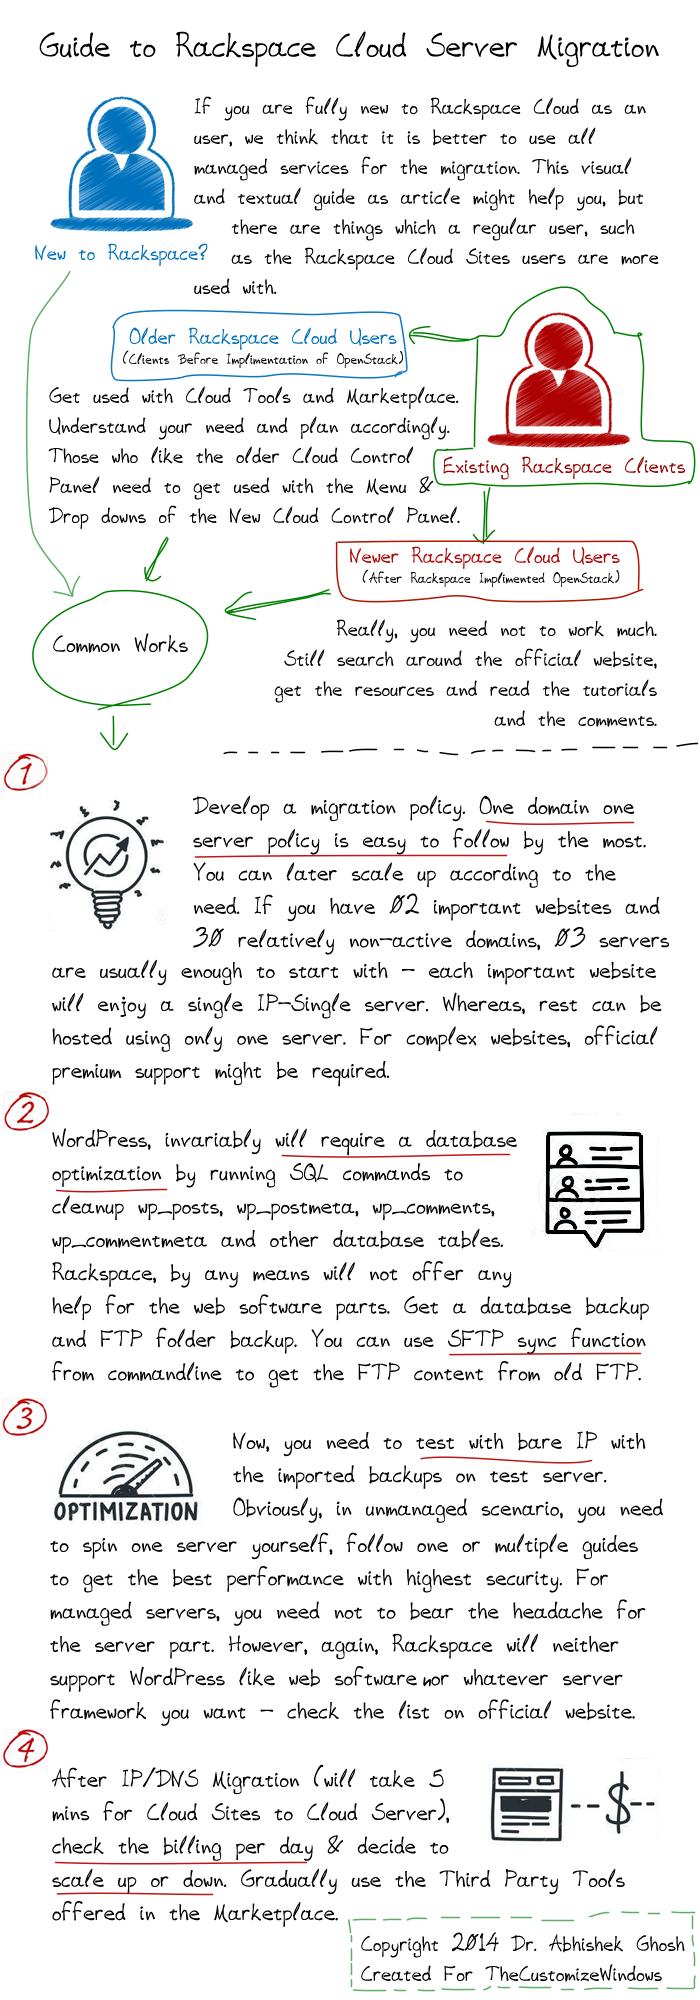 Mini Guide For Rackspace Cloud Server Migration